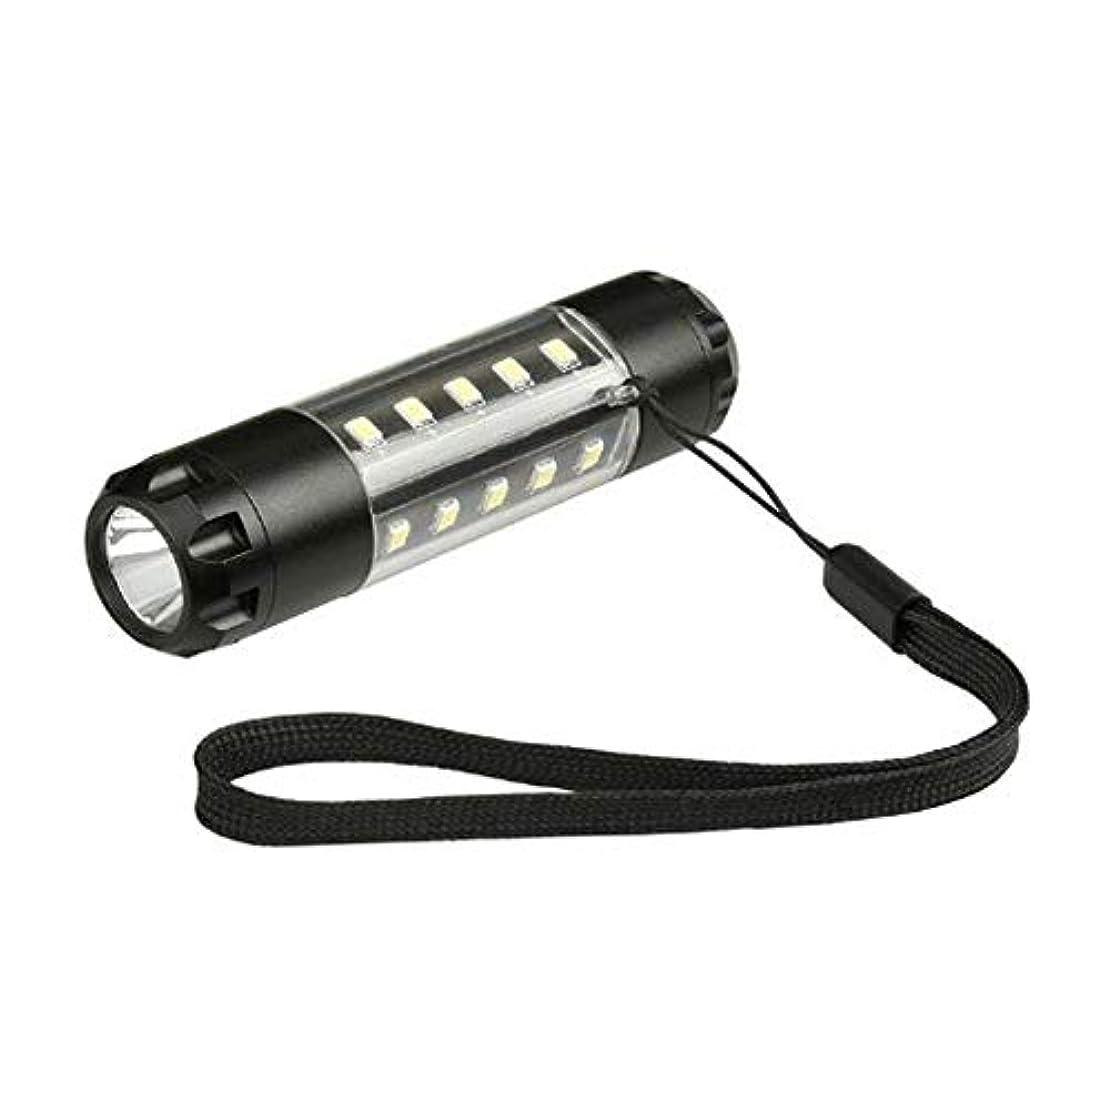 換気熱心感情のMR 作業灯 Lサイズ ライト 懐中電灯 6モード 電池式 ランプ 信号 照明 アウトドア 便利 アイテム HORIZON-L